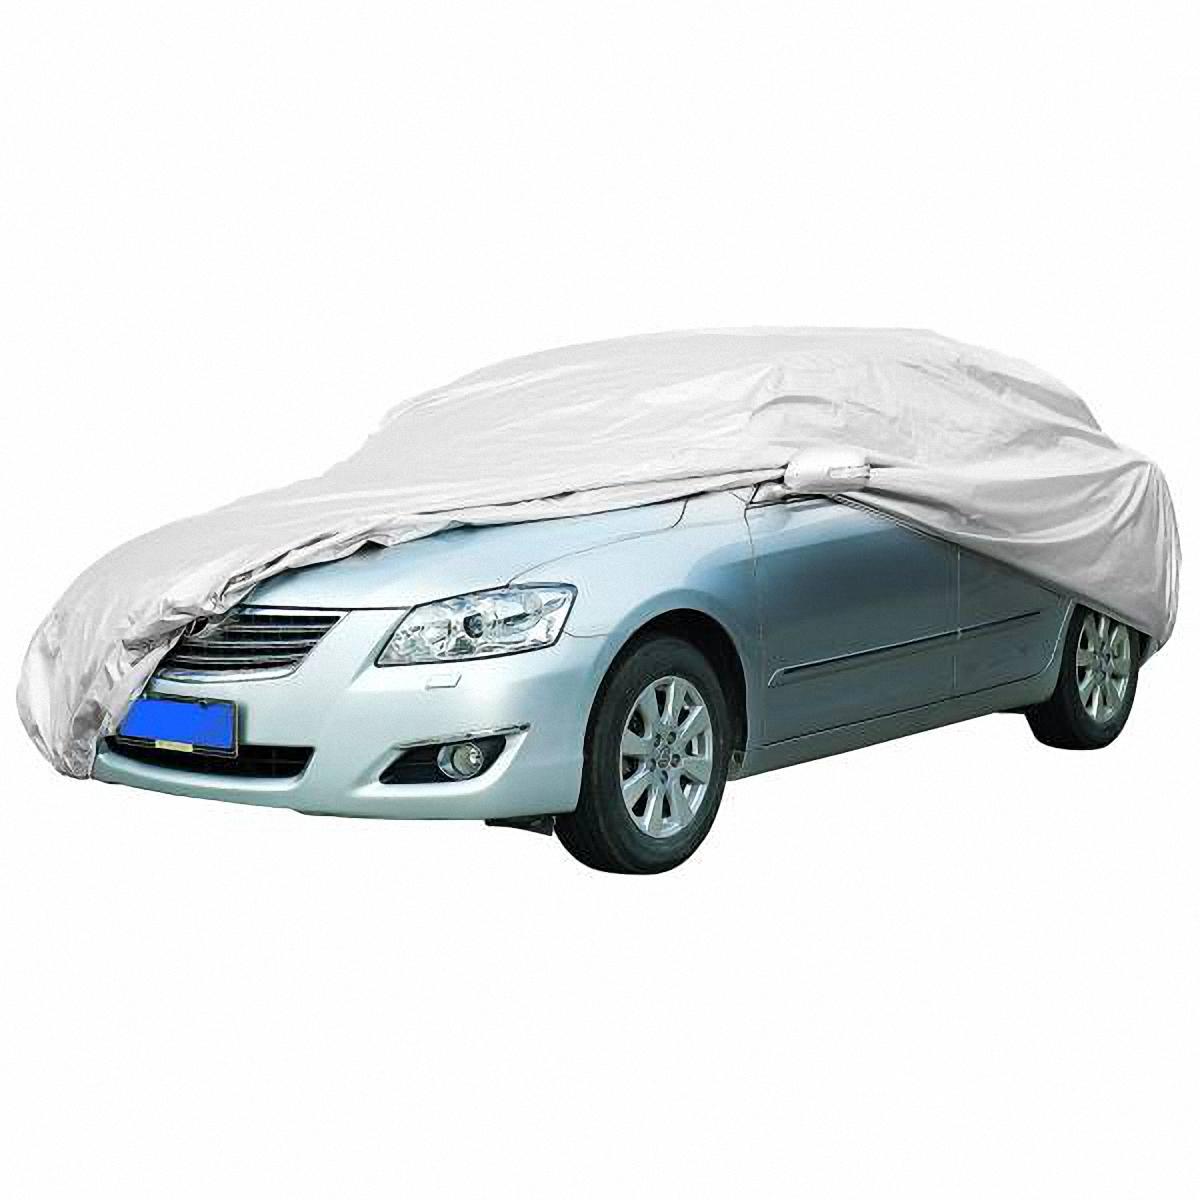 Чехол-тент автомобильный Skyway, 406 х 165 х 119 см. Размер SSC-FD421005Тент автомобильный позволит защитить кузов вашего транспортного средства от коррозии и загрязнений во время хранения или транспортировки, а вас избавит от необходимости частого мытья вашего автомобиля. Чехол-тент предохраняет лакокрасочное покрытие кузова, стекла и фары вашего автомобиля от воздействия прямых солнечных лучей и неблагоприятных погодных условий, загрязнений. Легко и быстро надевается на автомобиль, не царапая и не повреждая его.Изготовлен из высококачественного полиэстера. В передней и задней части тента вшиты резинки, стягивающие его нижний край под передним и задним бамперами. Обладает высокой влаго- и износостойкостью. Обладает светоотражающими и пылезащитными свойствами. Выдерживает как низкие, так и высокие температуры. Воздухопроницаемый материал. Состав: полиэстер. Размер: 406 х 165 х 119 см.